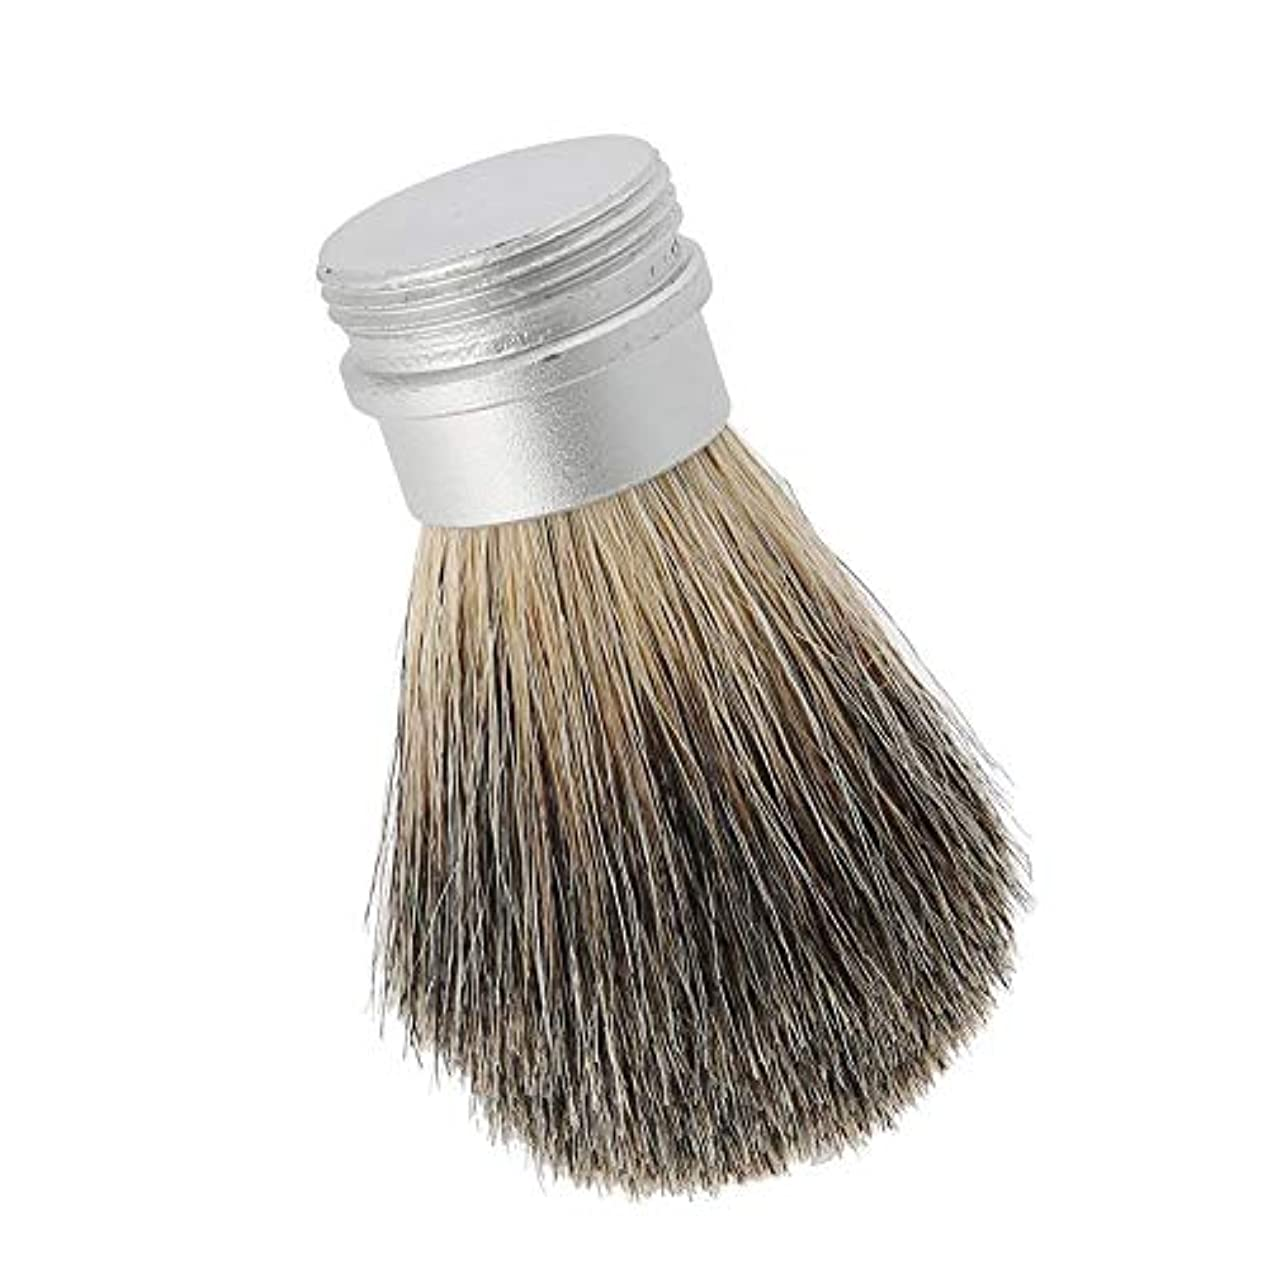 ナットありそう取るに足らないひげブラシひげ剃りツールポータブルひげブラシ男性のための最高のヘアブラシ口ひげブラシ